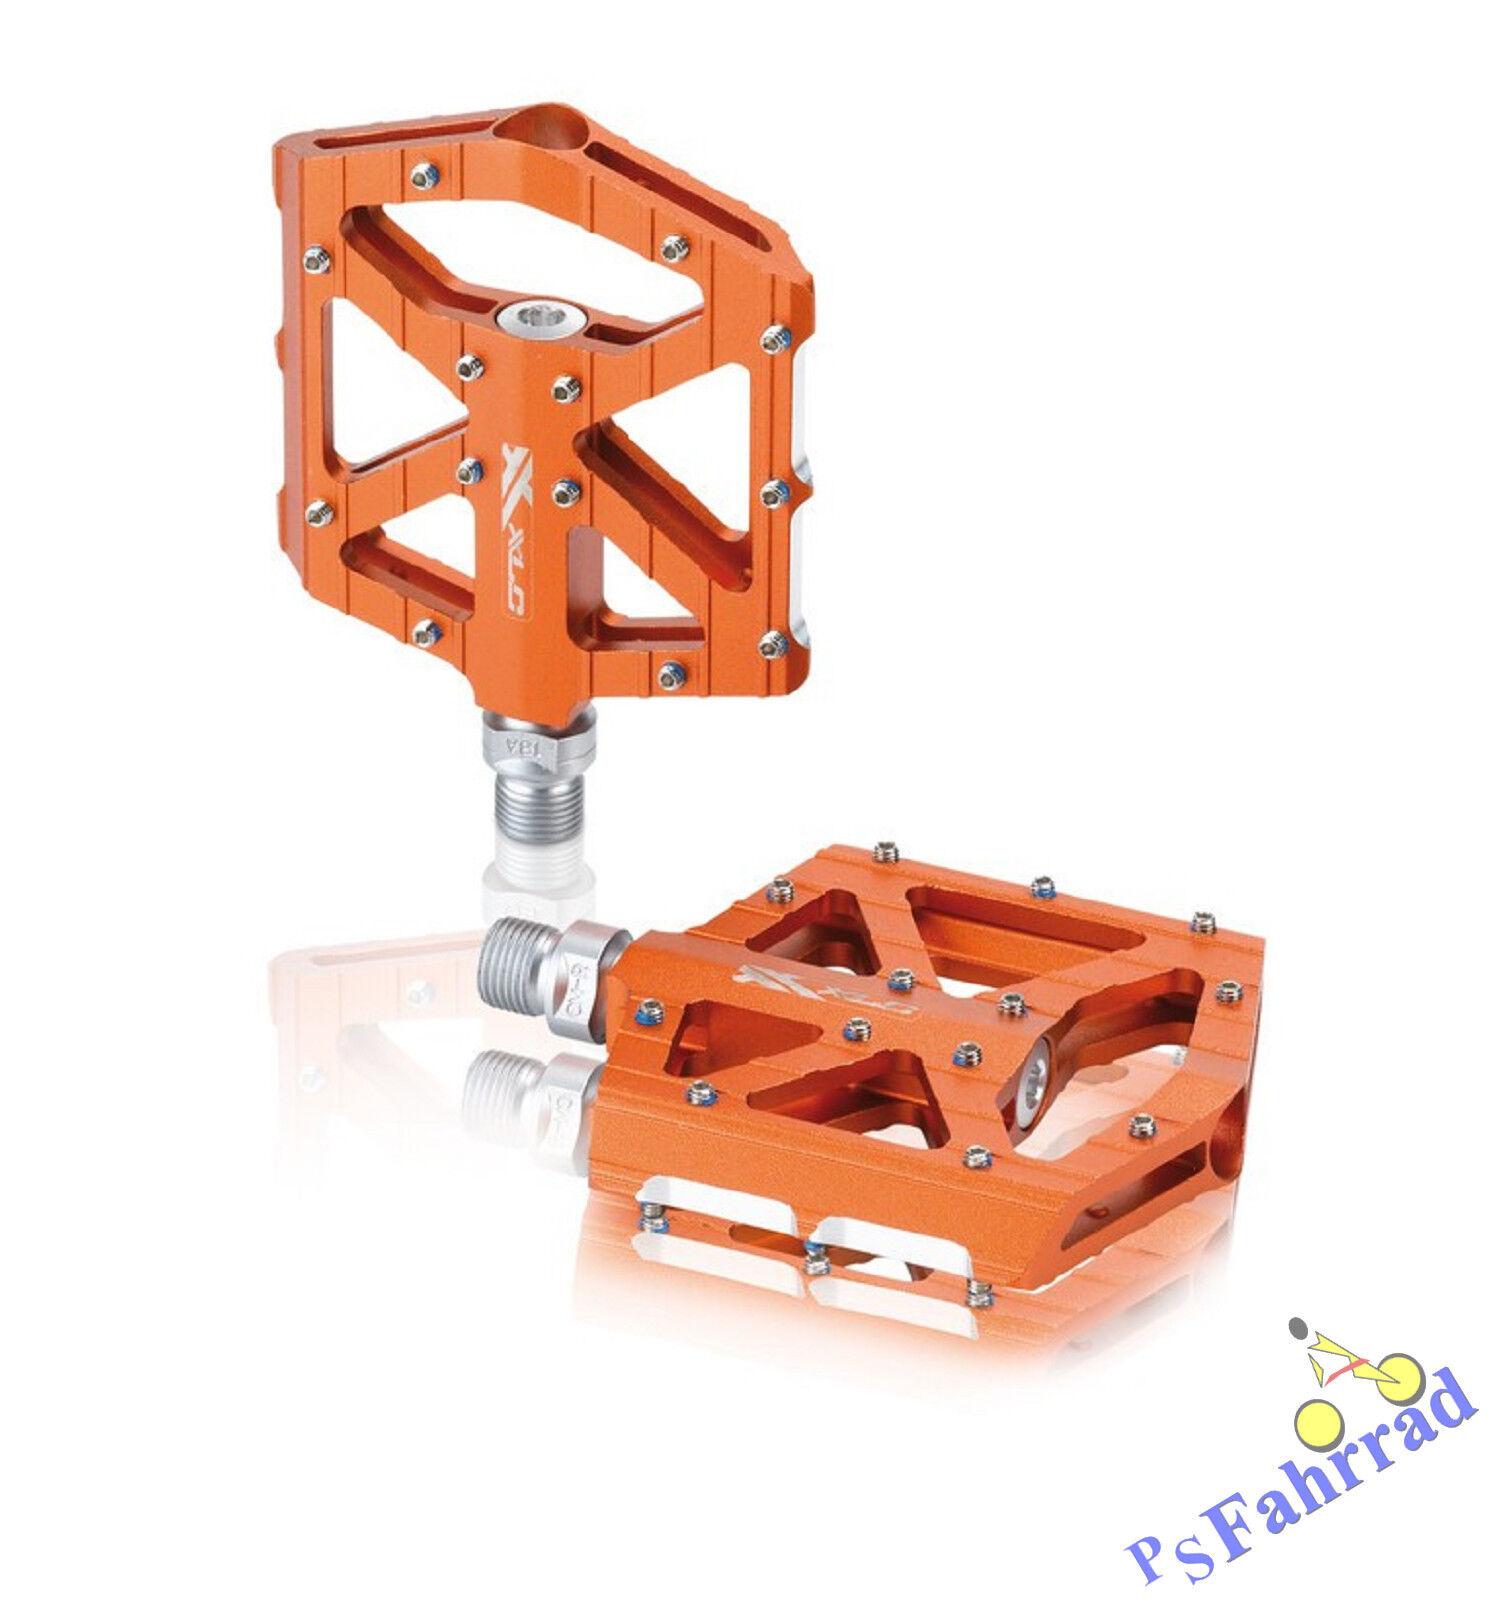 XLC BMX Freeride MTB Pedale Pedal PD-M12 PD-M12 PD-M12 Orange Plattform Pedal Fahrrad cc4abc